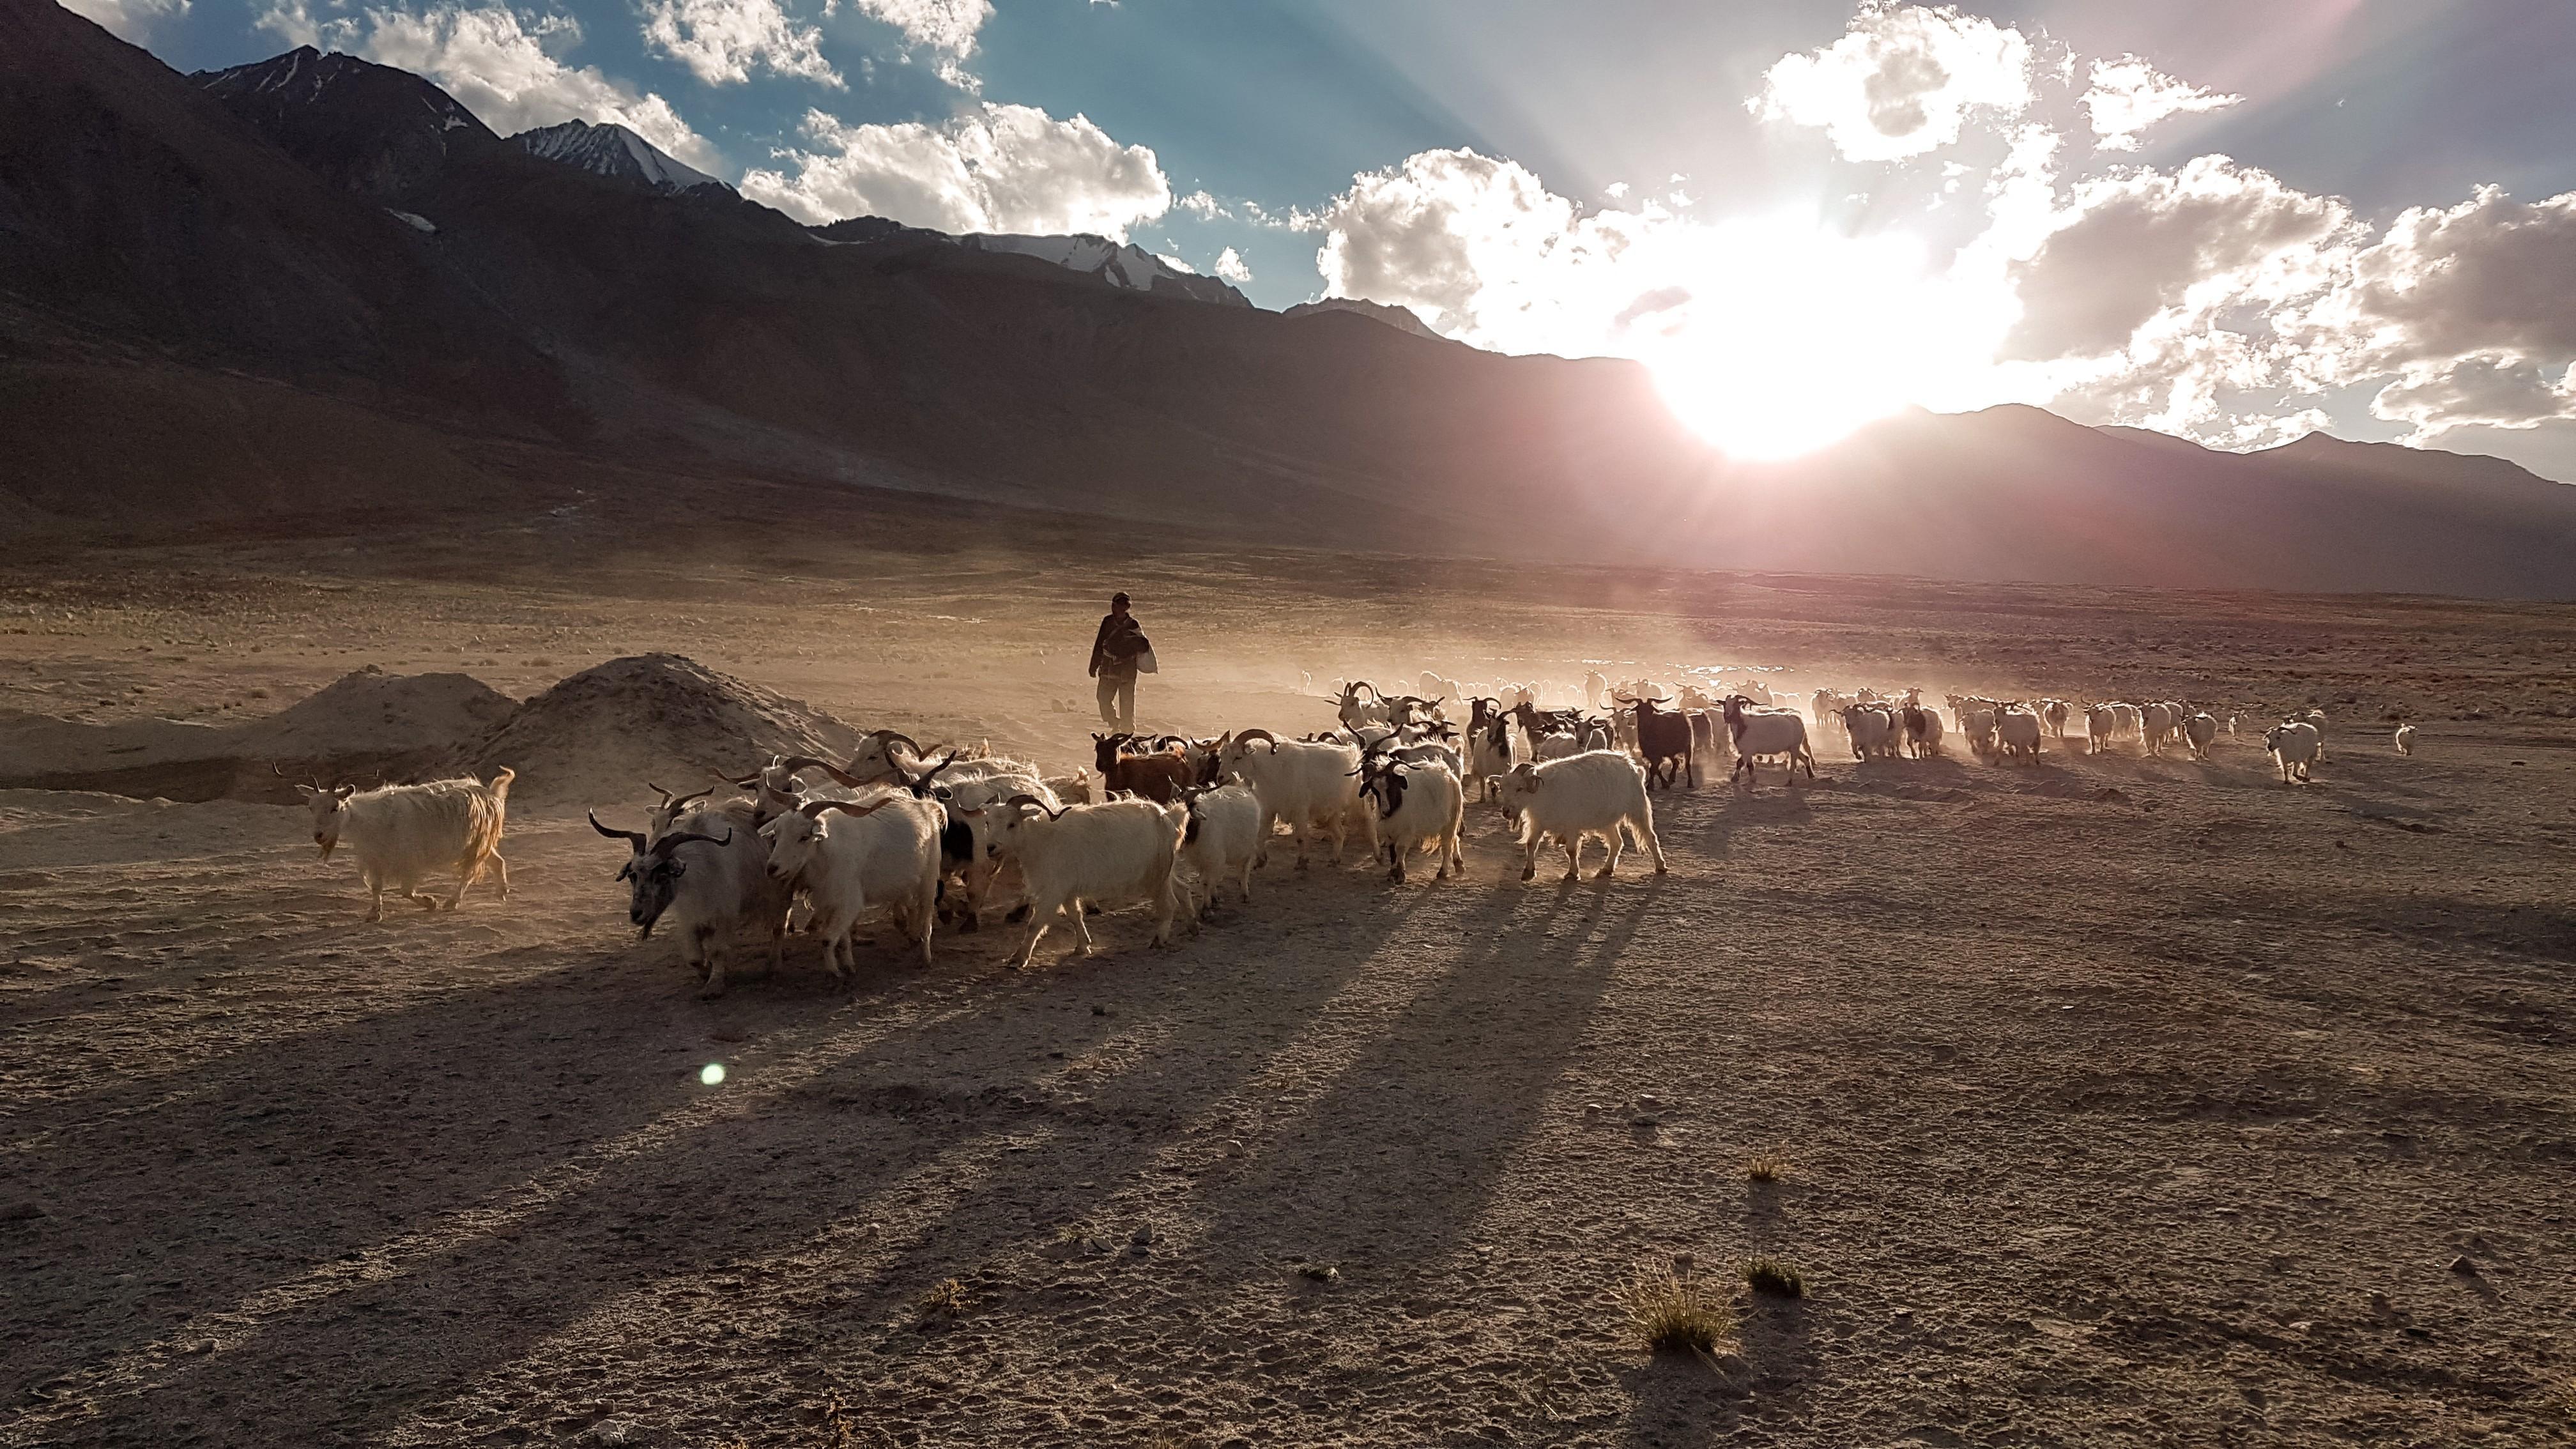 Ladakh: conheça região budista no Himalaia indiano em 30 fotos